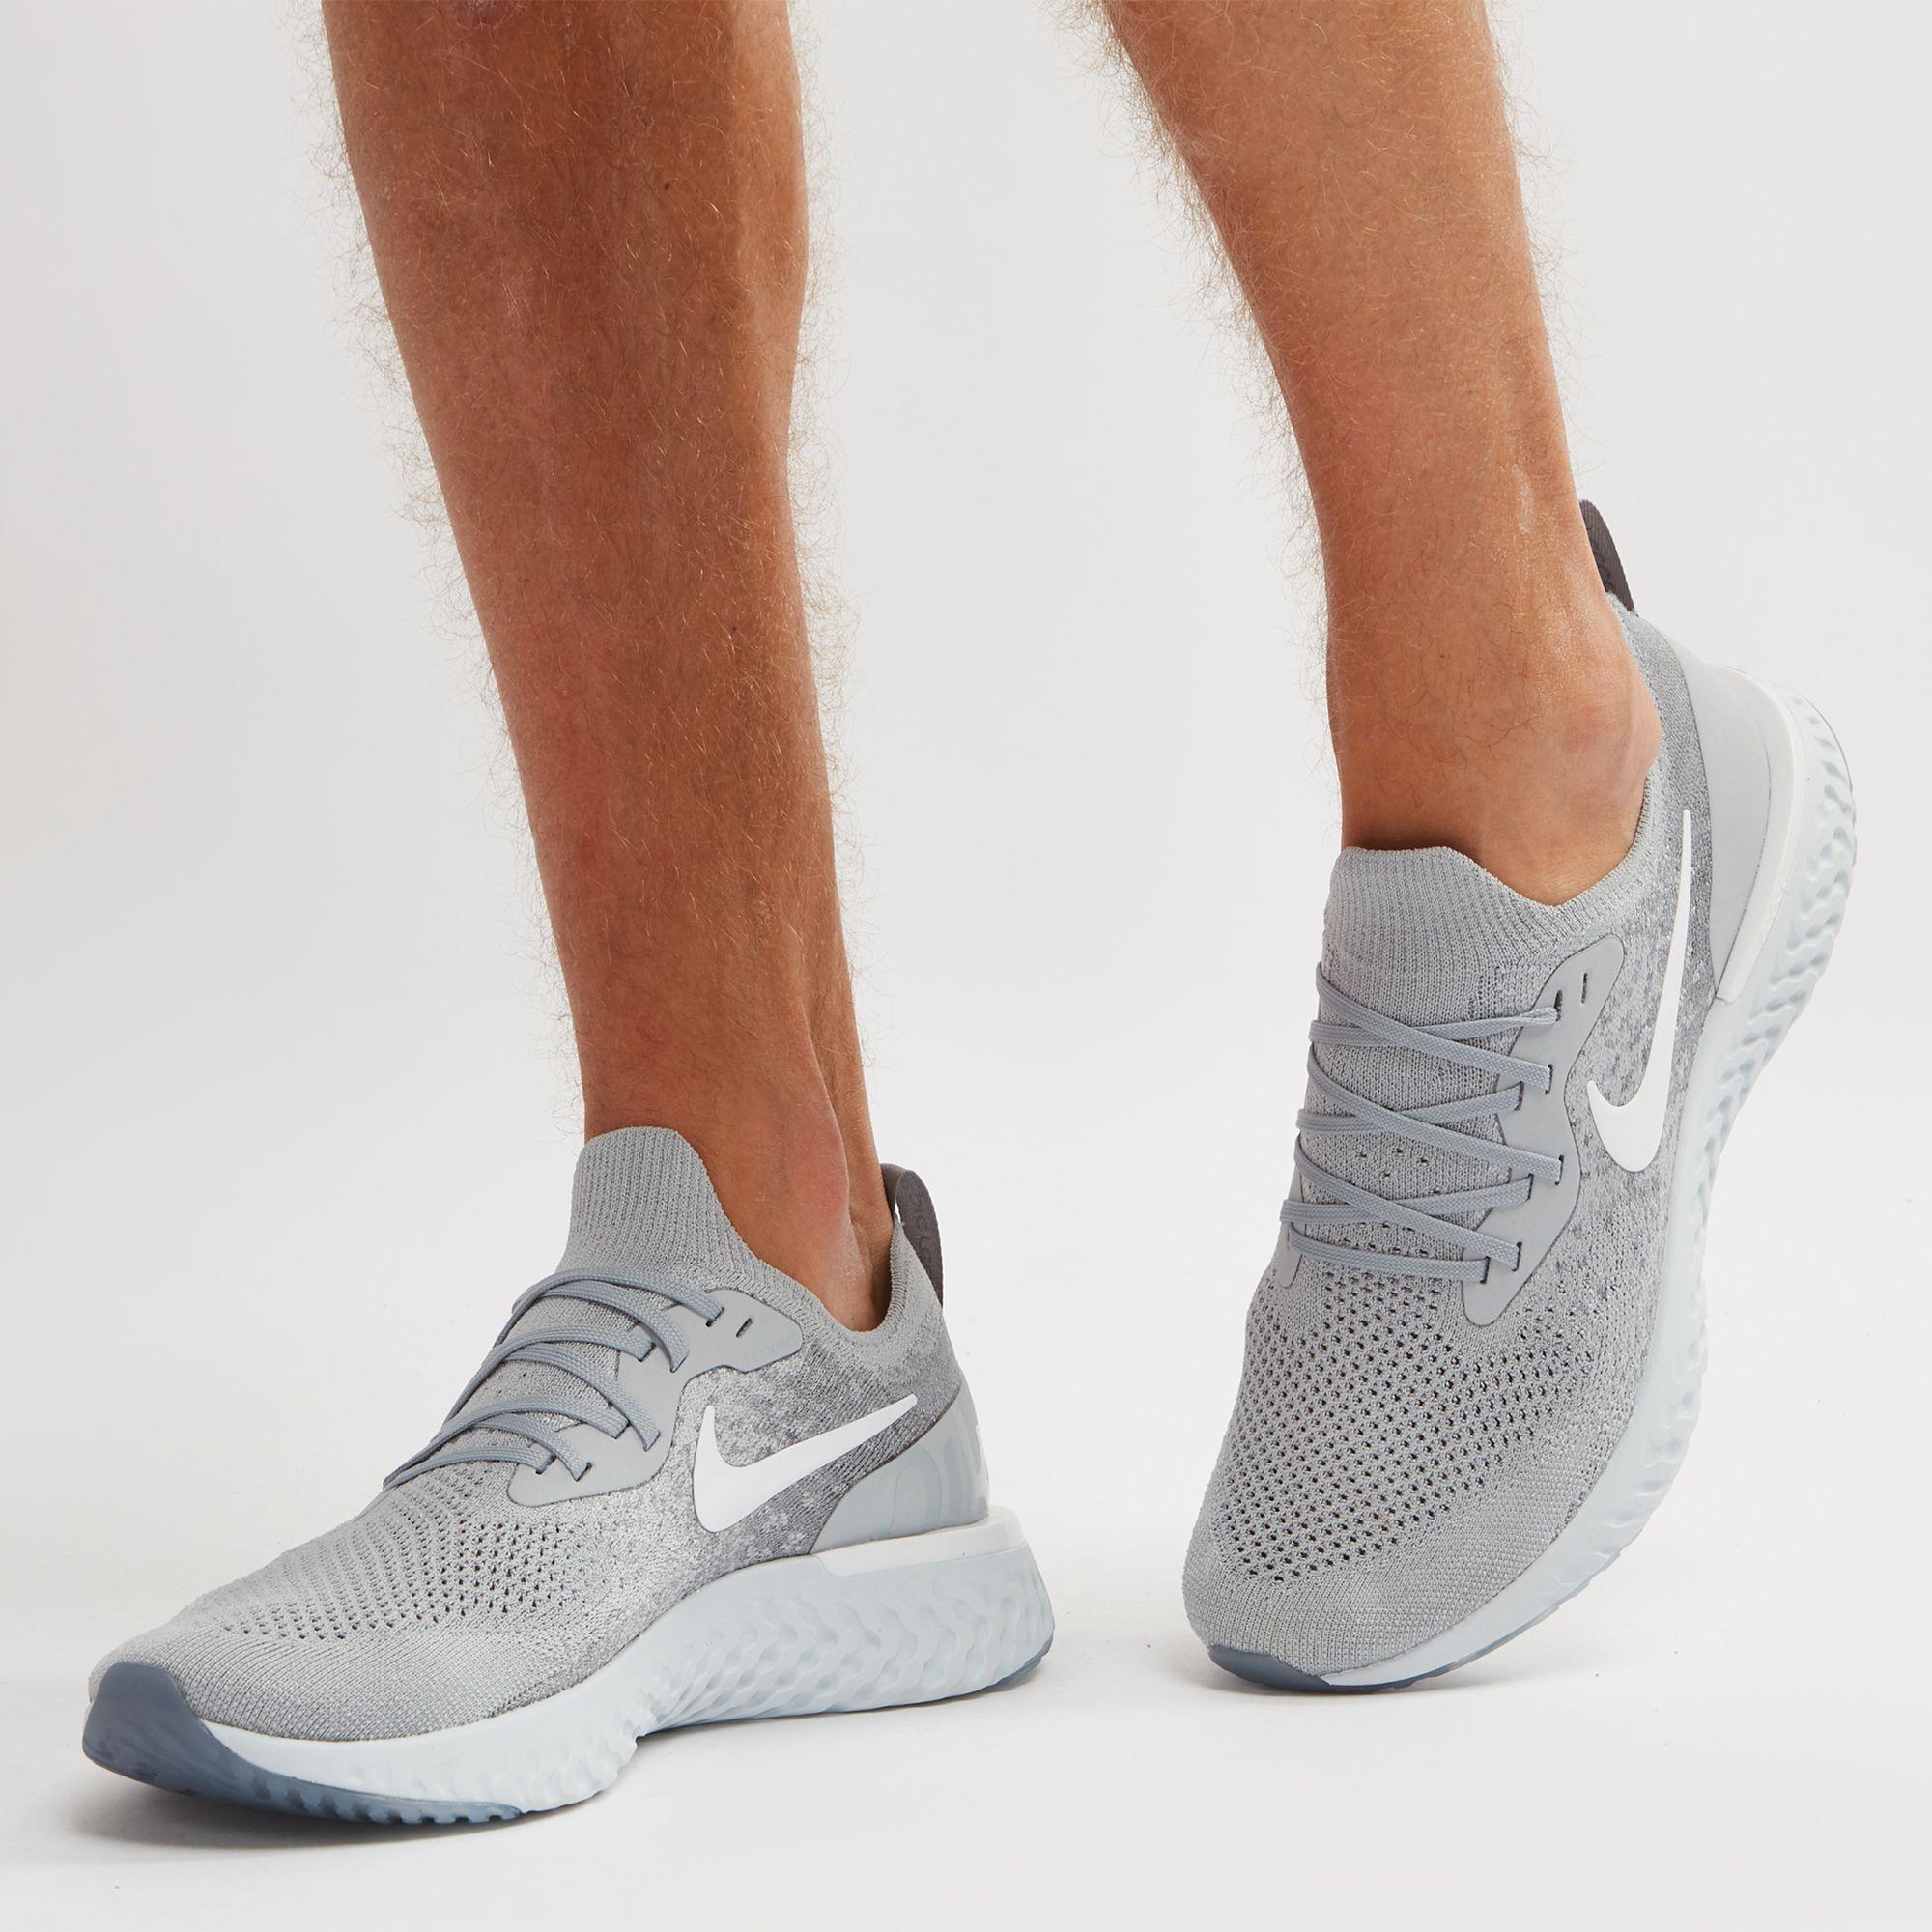 size 40 b85c1 39e3e Nike Epic React Flyknit Running Shoe